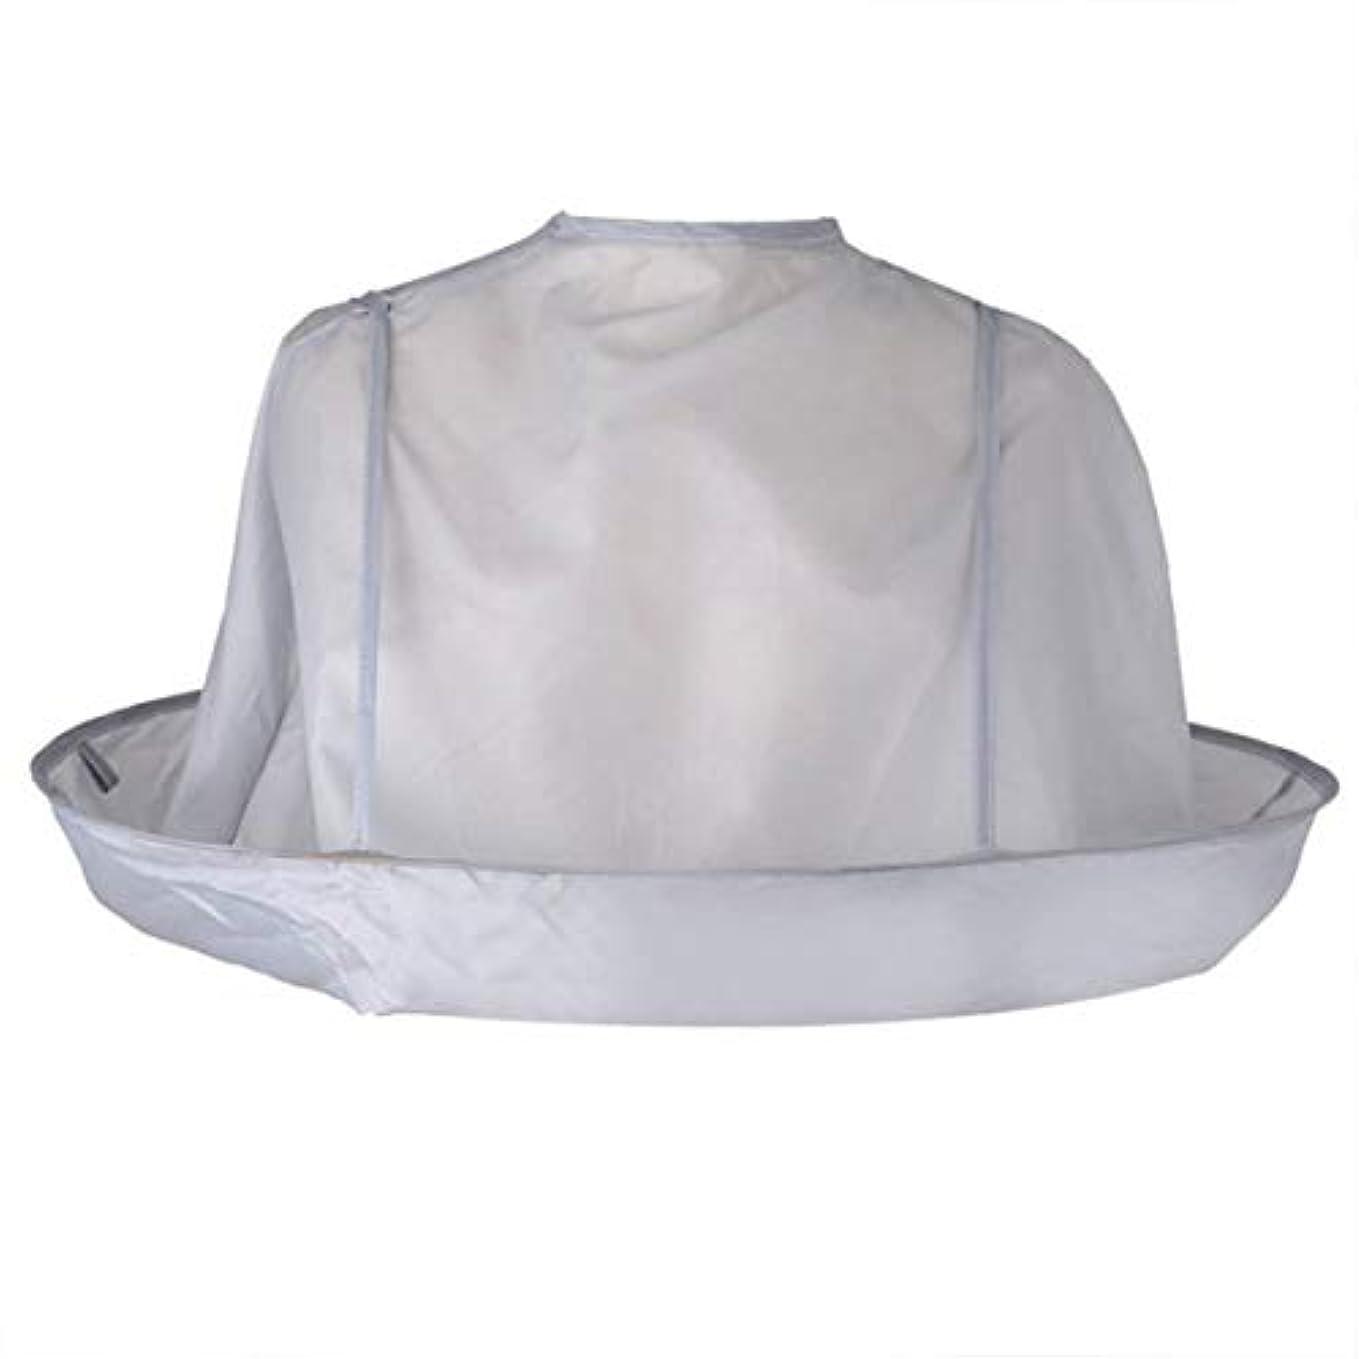 ファックス承認愛撫Intercoreyヘアカットスカーフケープ折りたたみ大人のヘアカットスカーフヘアカラーマント傘理容岬